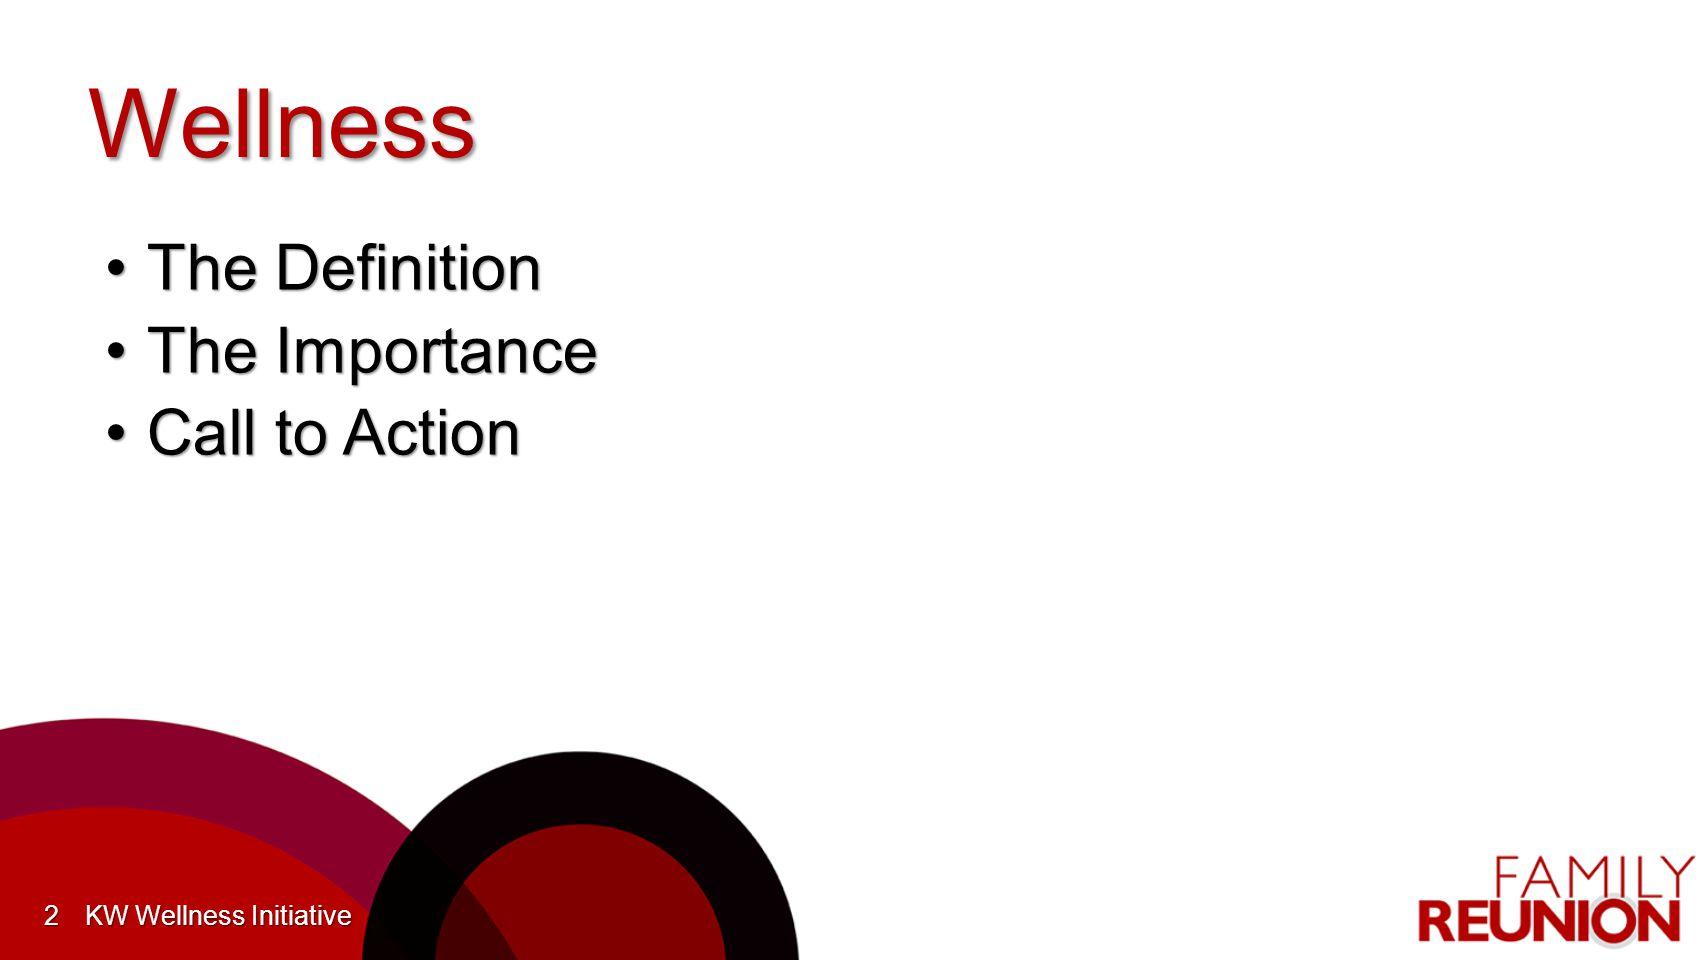 #KWFR What Is Wellness? KW Wellness Initiative3